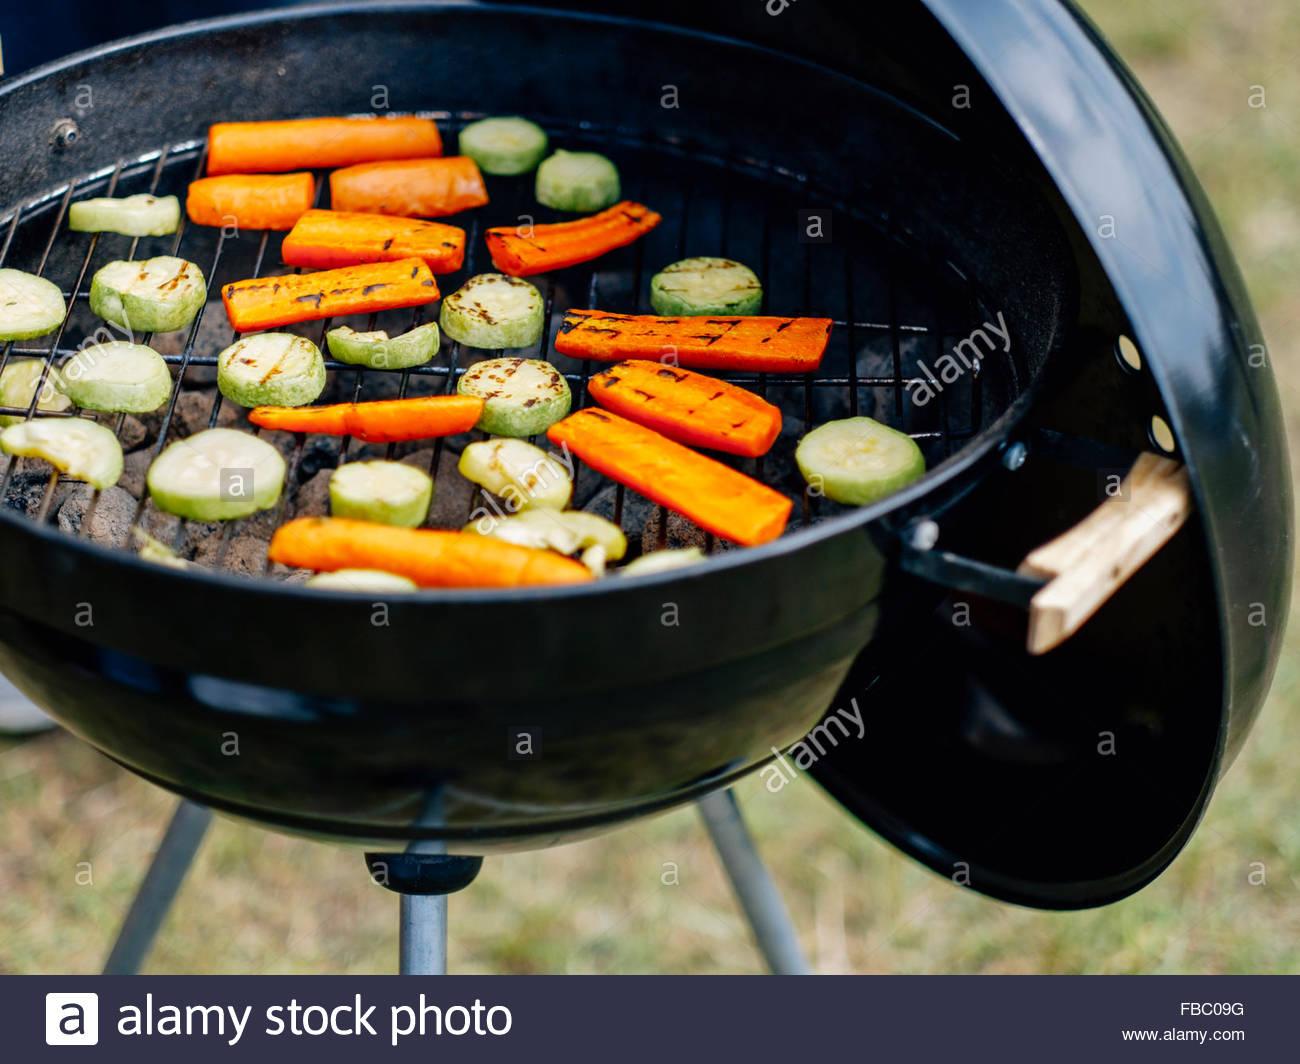 Offener Grill voller Karotten und zucchini Stockbild